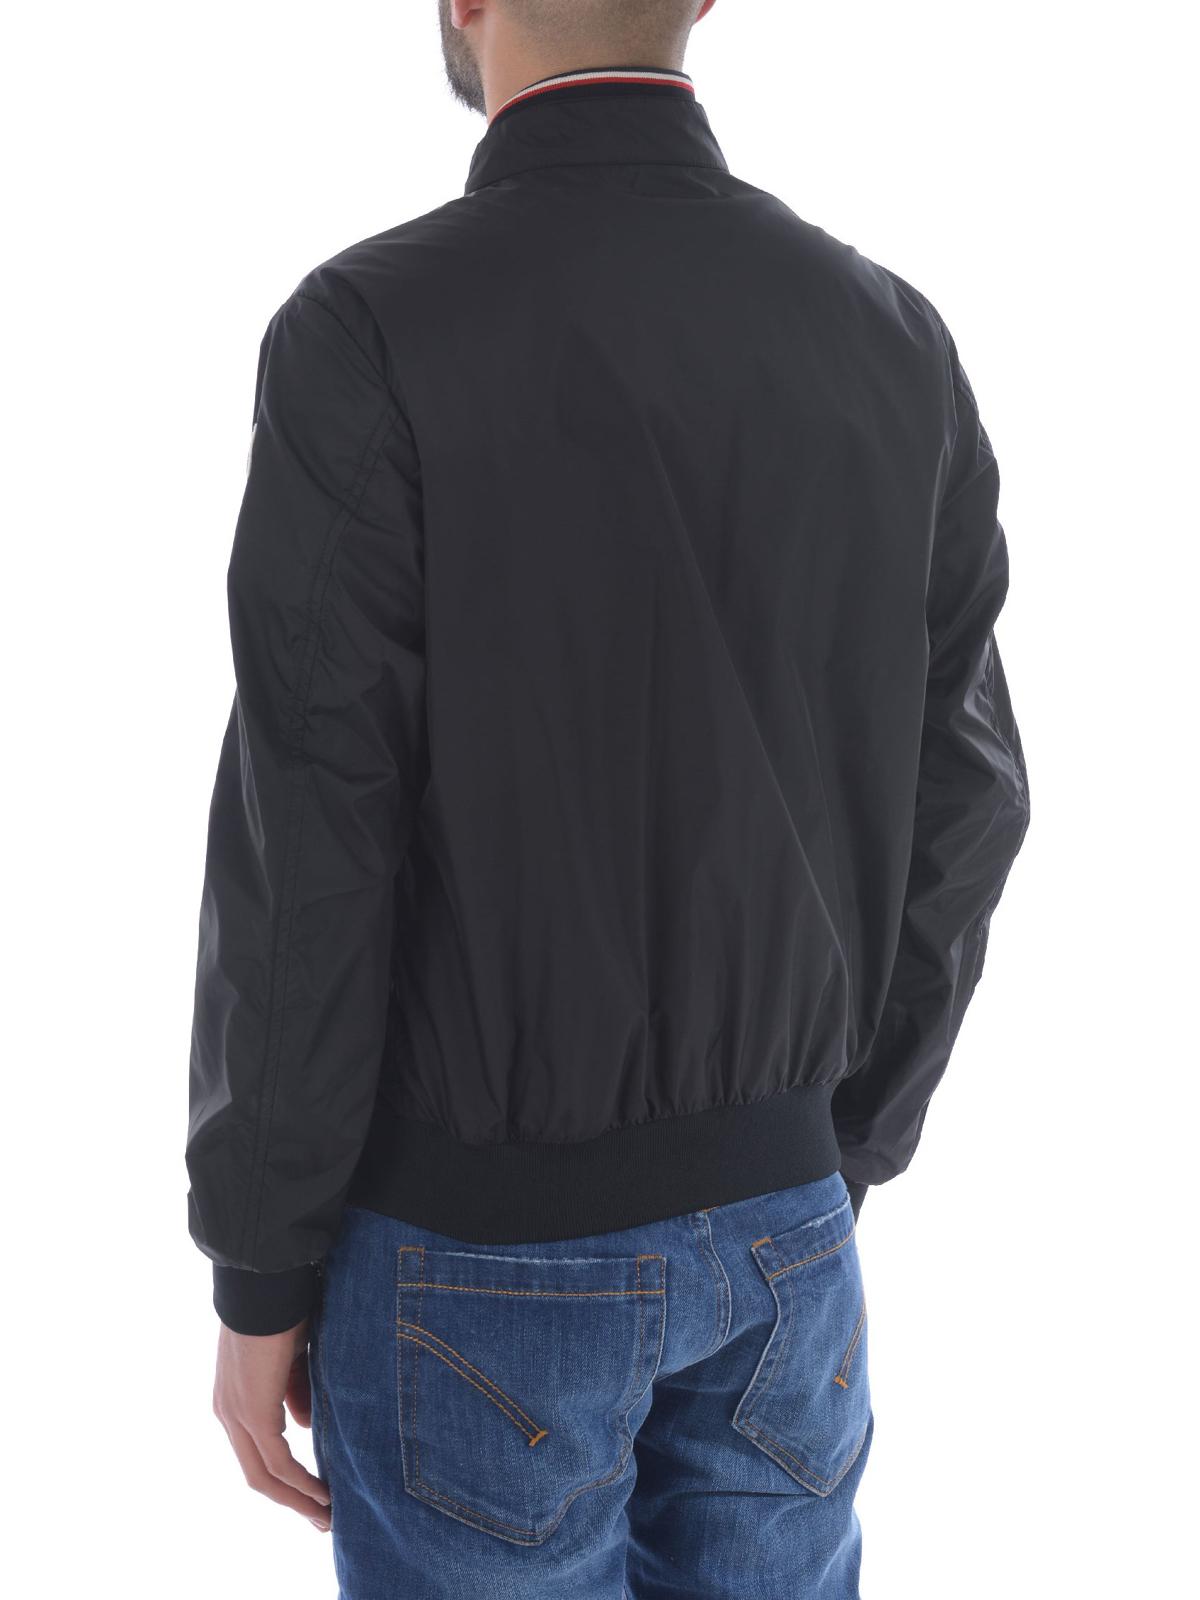 Bomber miroir in nylon nero moncler giacche bomber ikrix for Miroir online shop